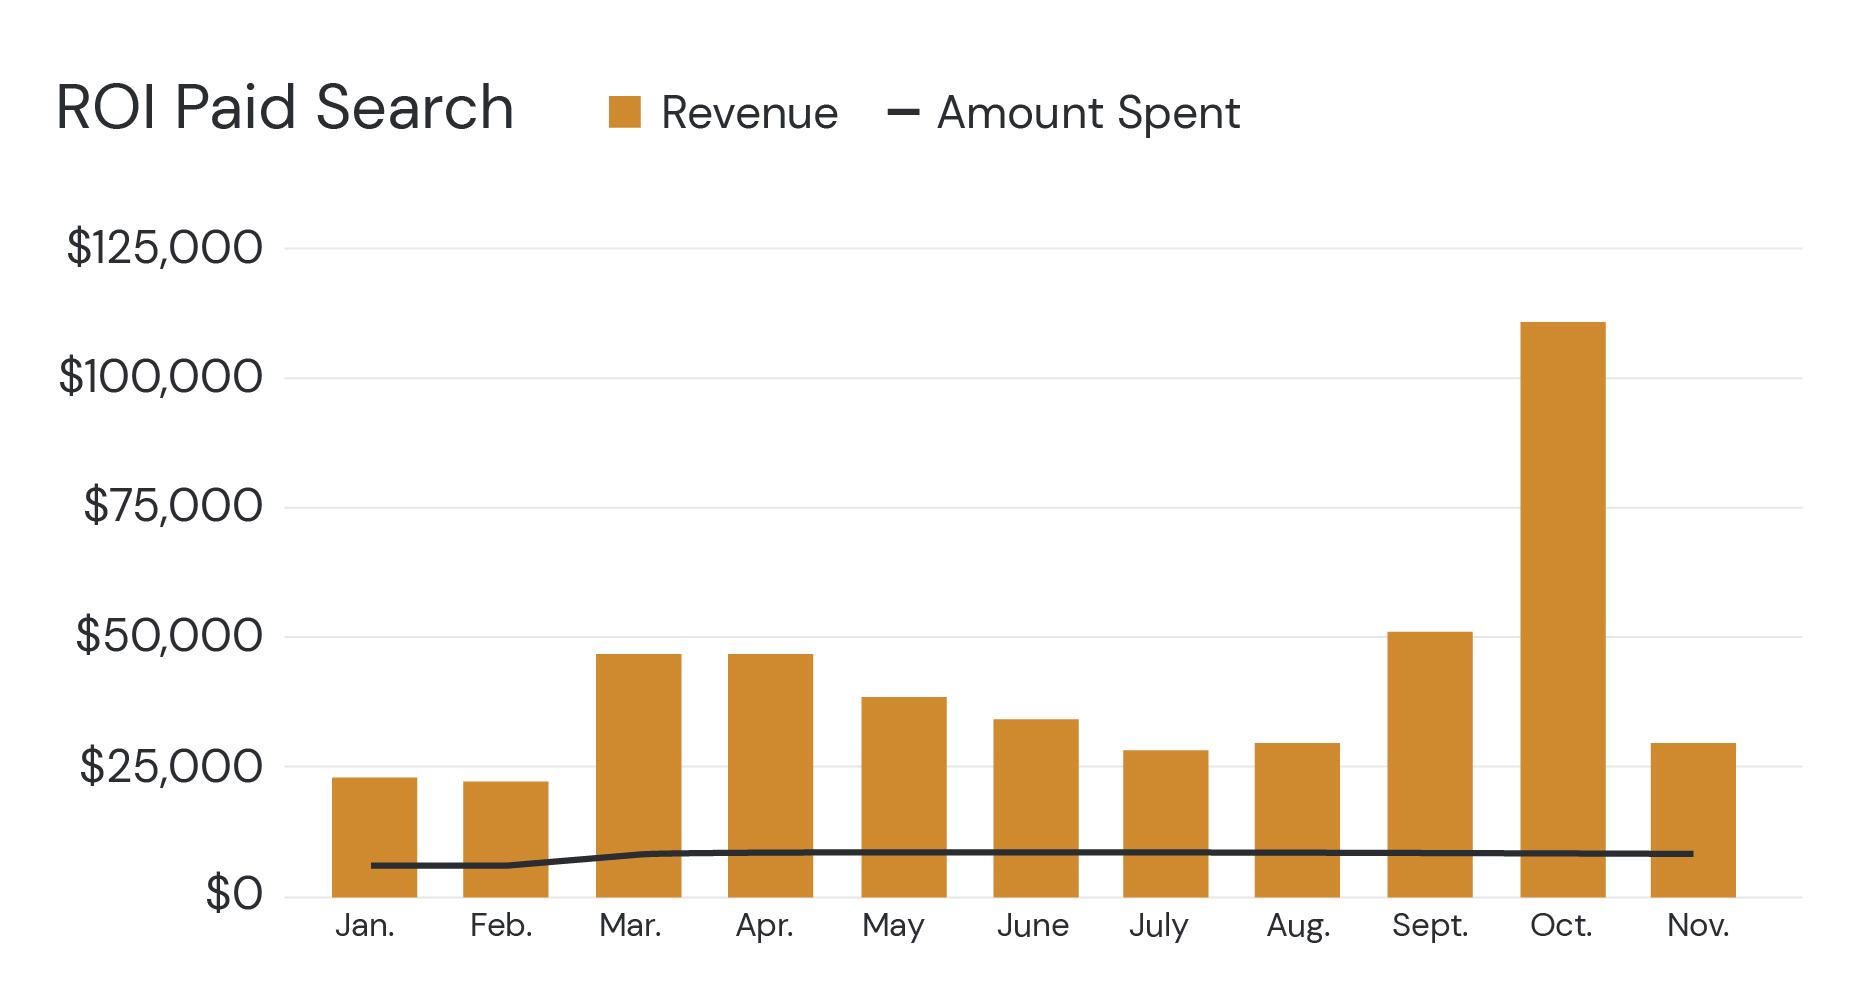 ROI-Paid-Search